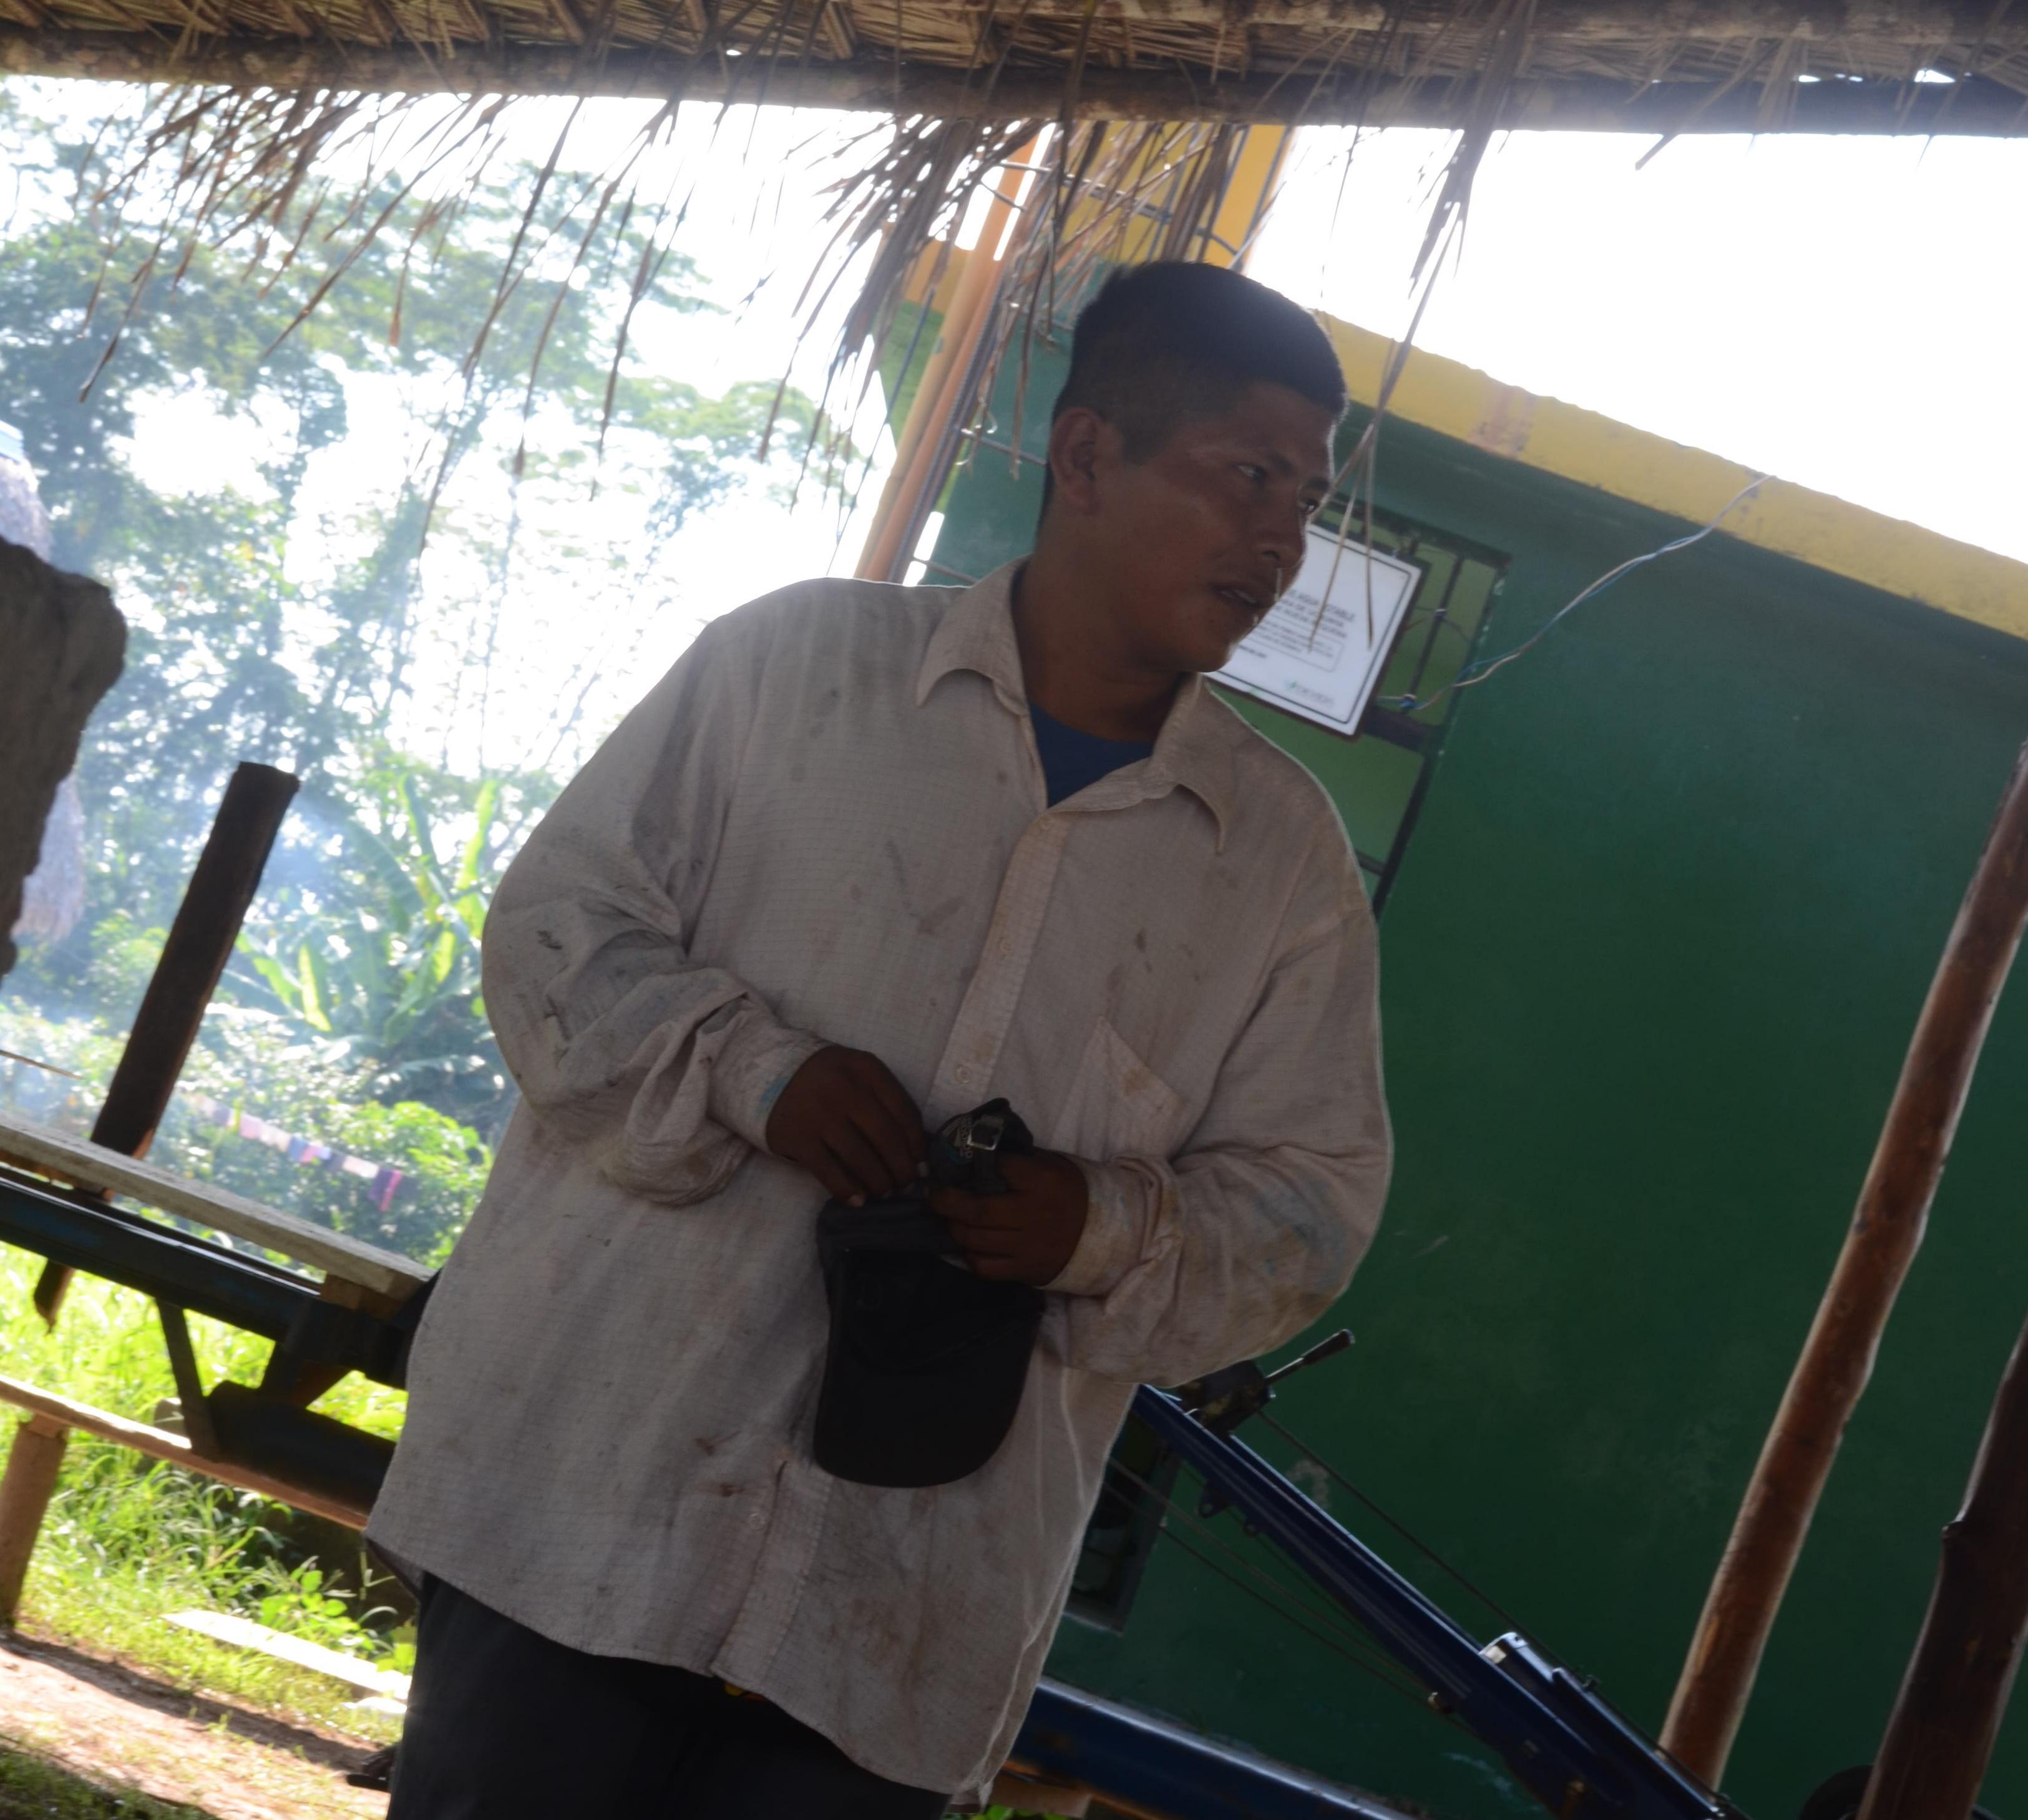 Carlos Hoyos, presidente de la comunidad Santa Clara de Uchunya. Foto: Yvette Sierra Praeli